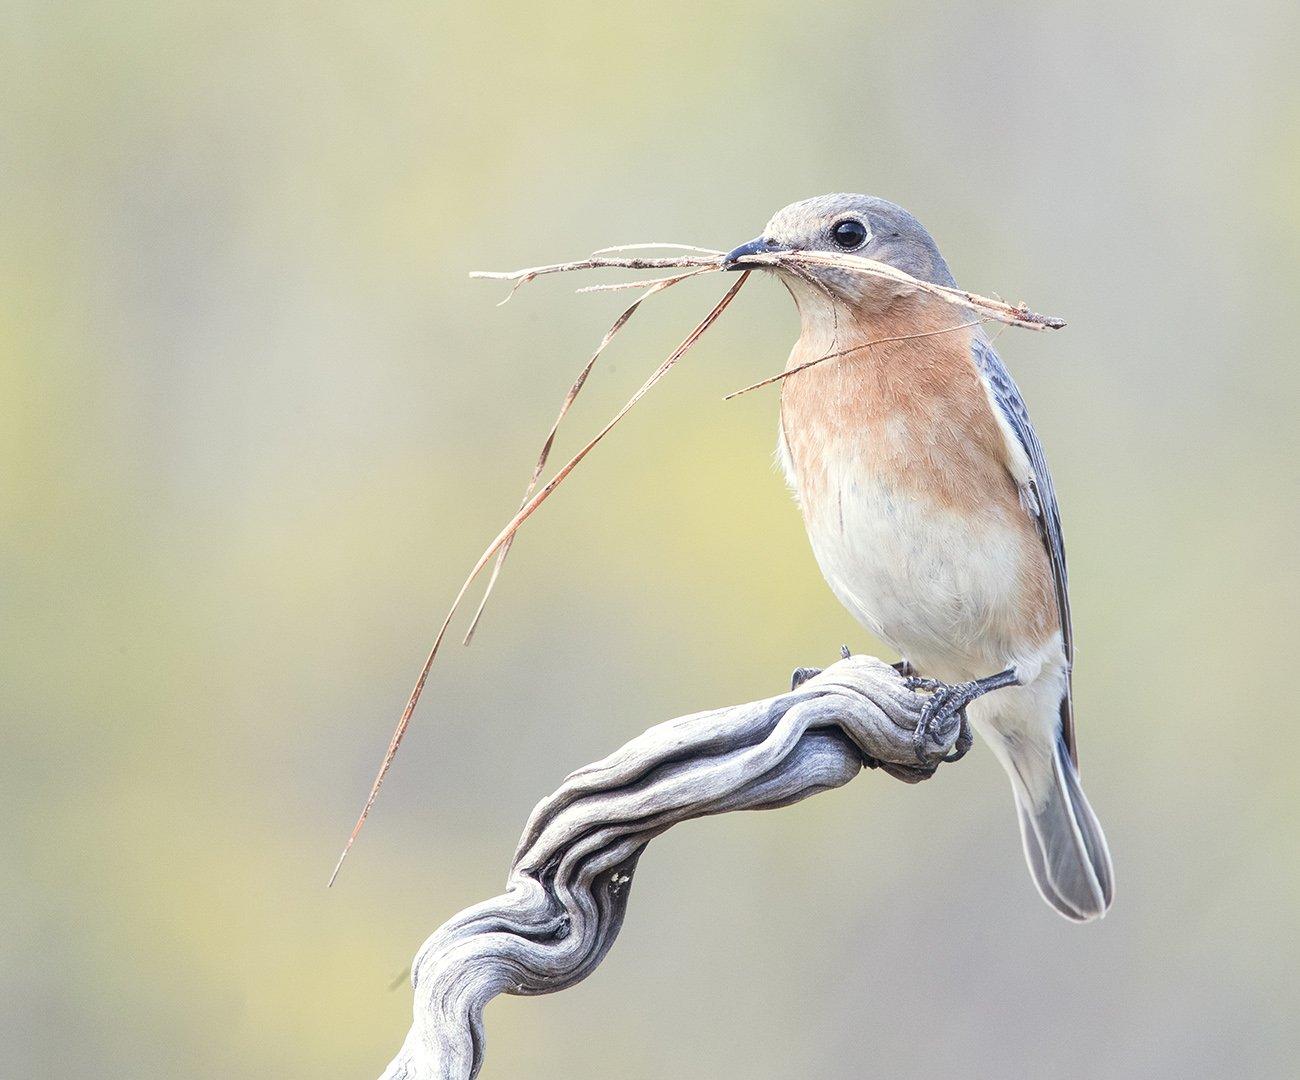 восточная сиалия, eastern bluebird, bluebird, Elizabeth E